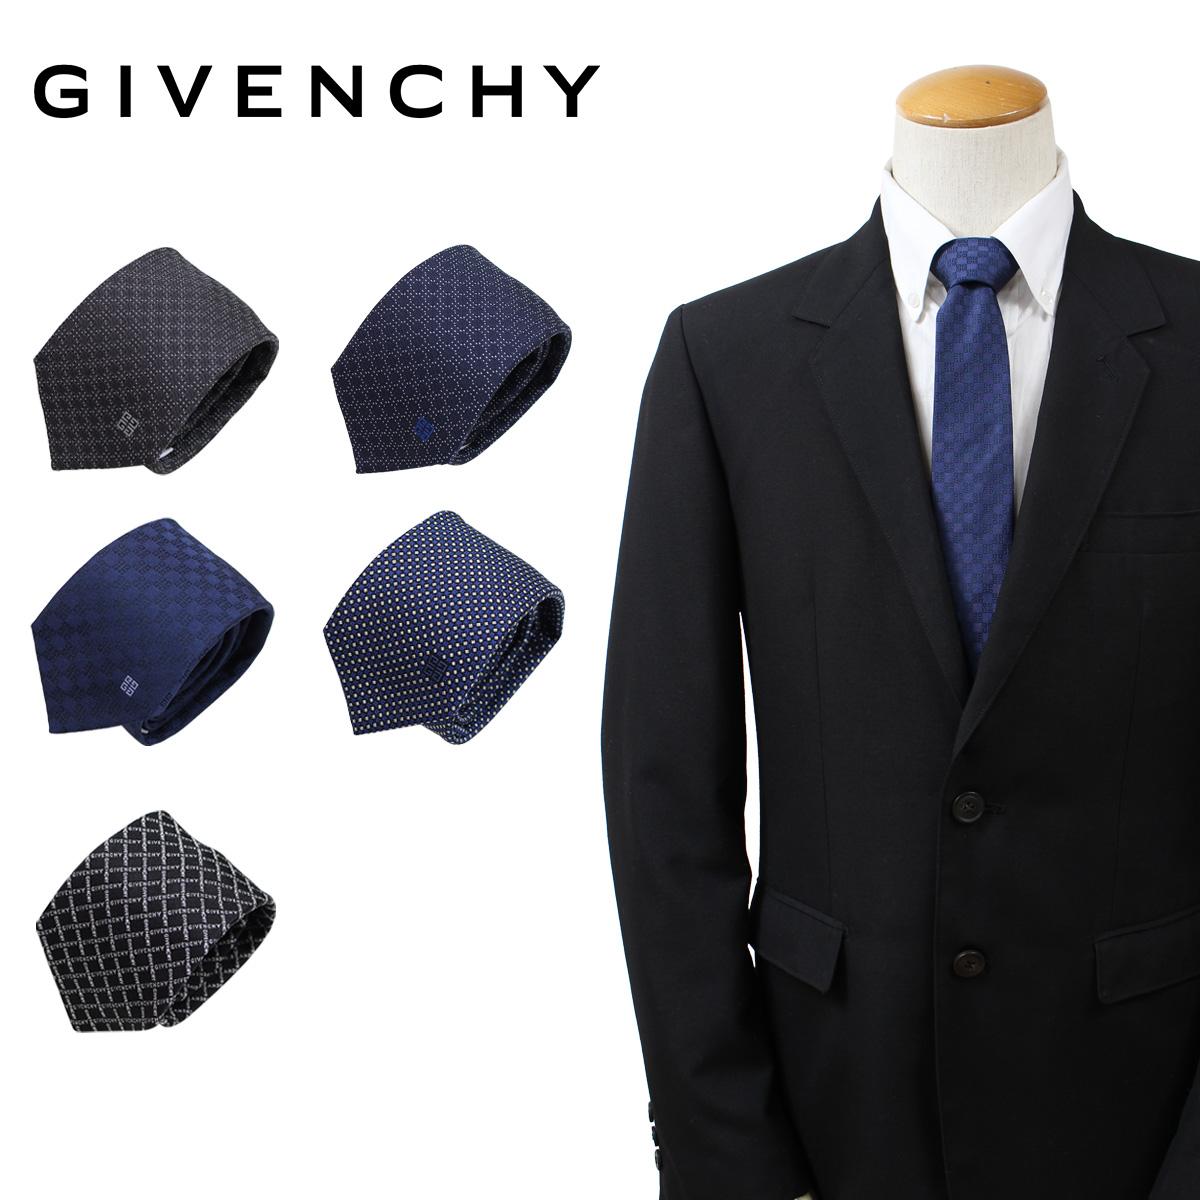 ジバンシー ネクタイ シルク メンズ GIVENCHY ジバンシイ カジュアル ビジネス 結婚式 イタリア製 [2/7 追加入荷]